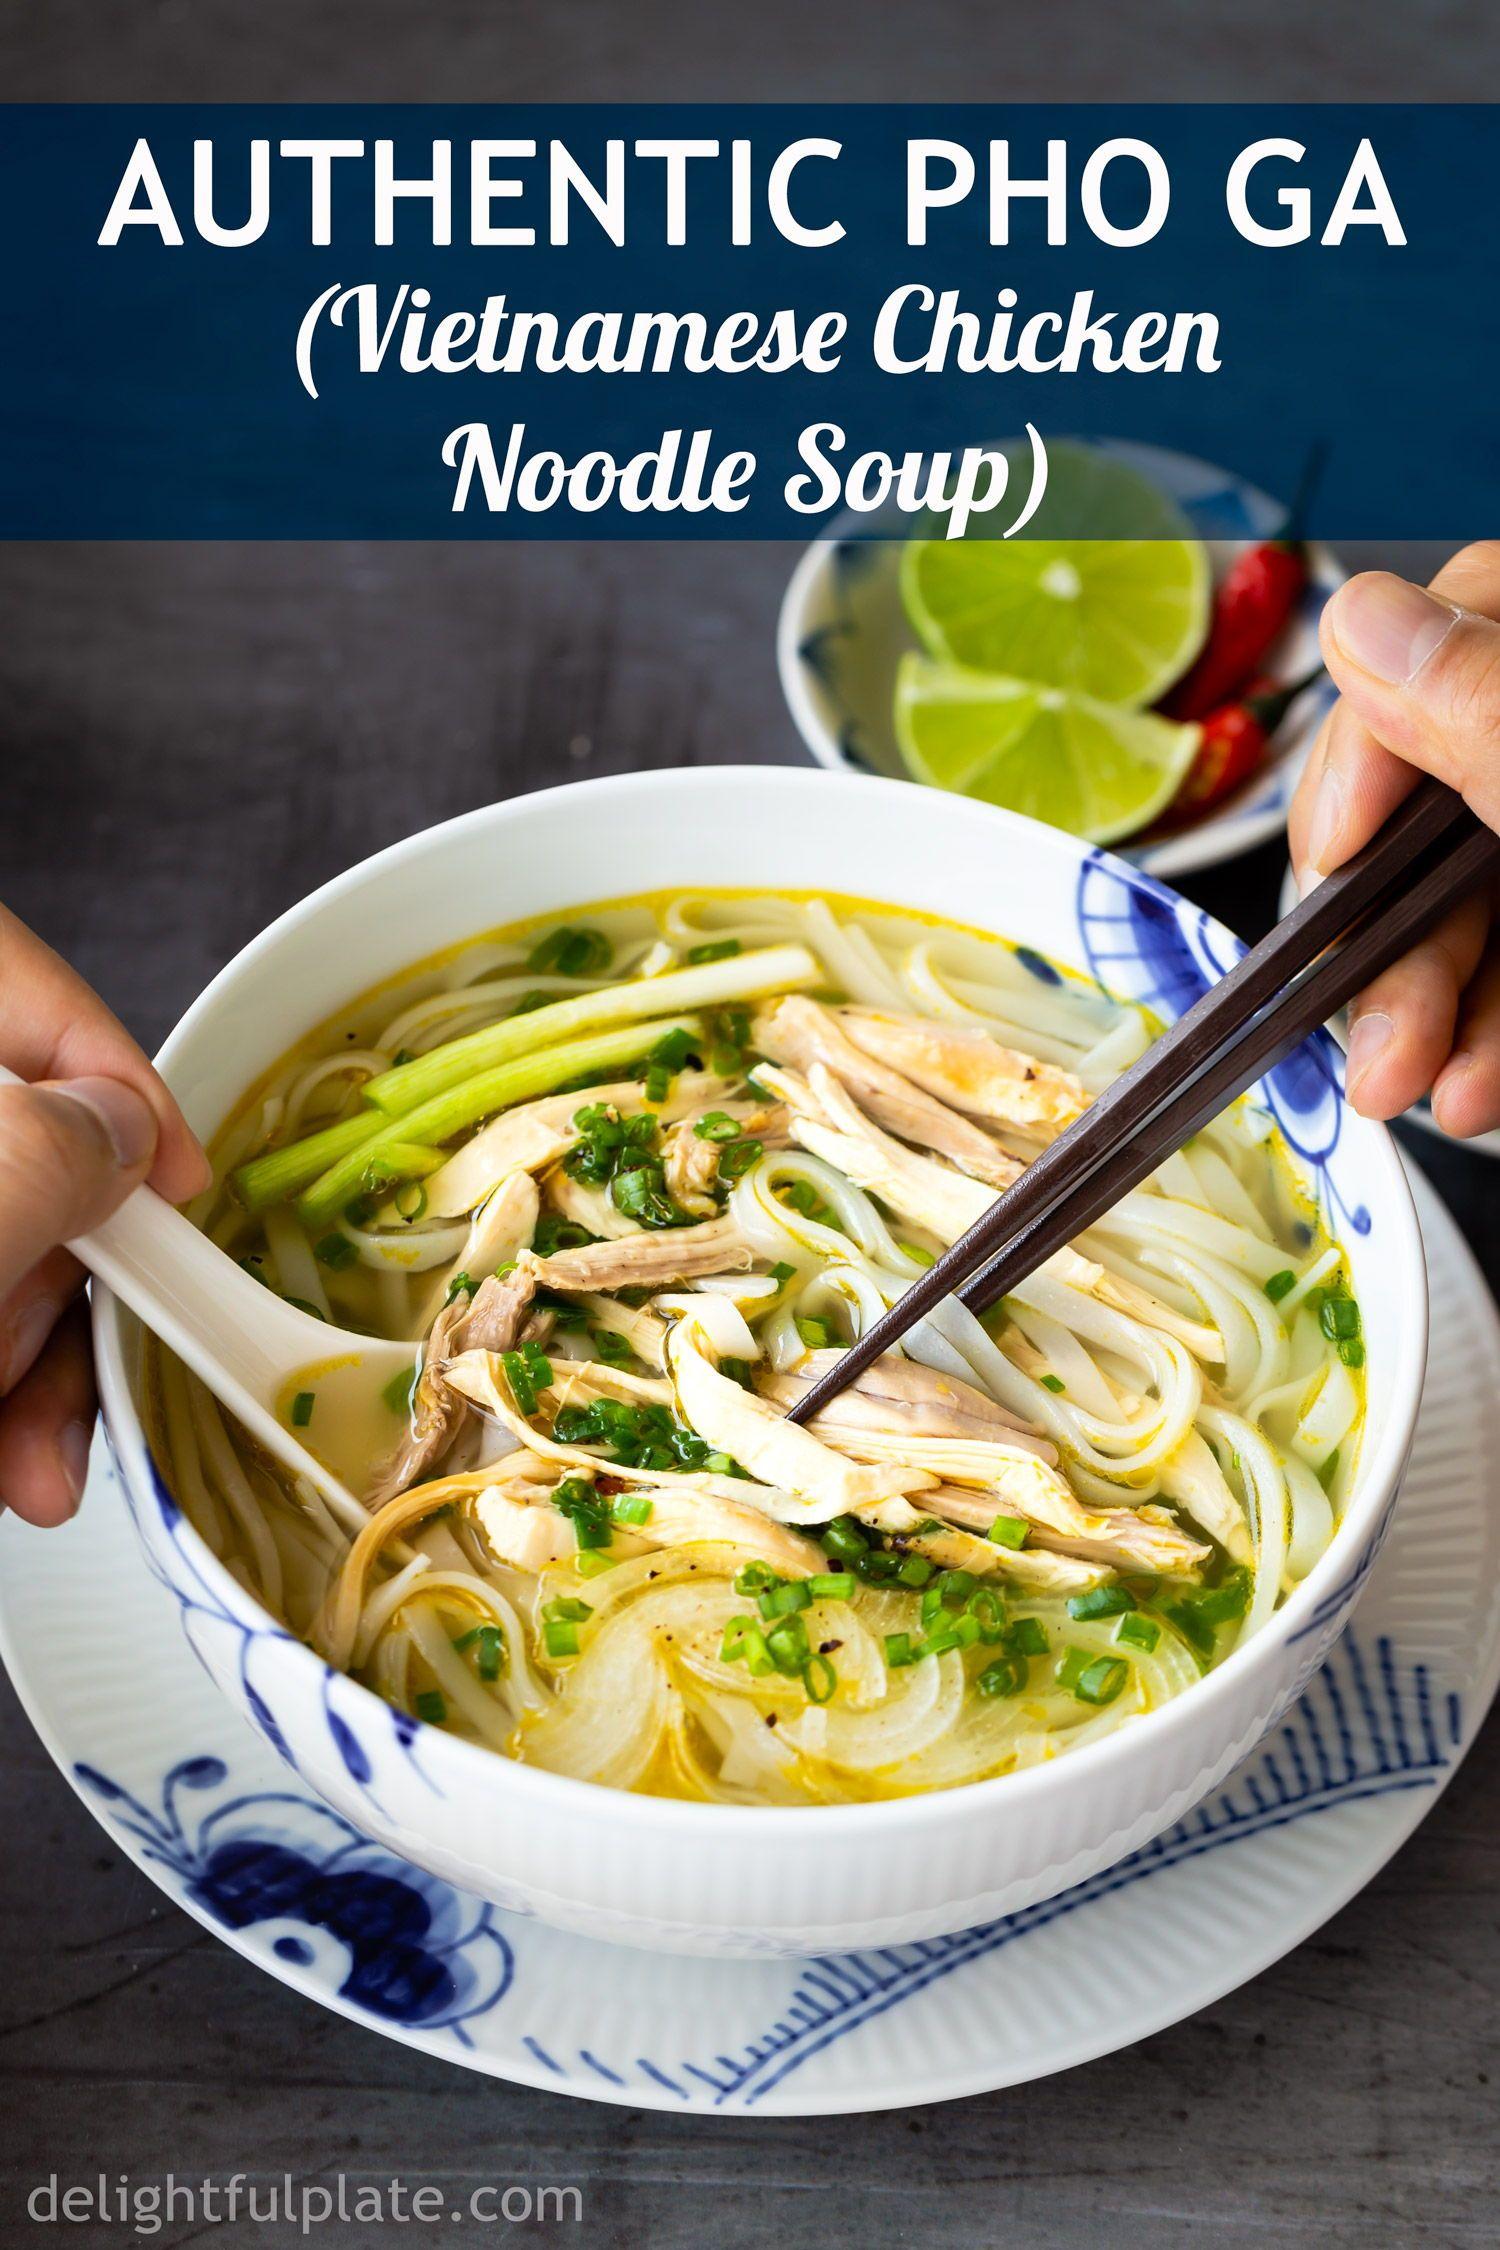 Authentic Pho Ga (Vietnamese Chicken Noodle Soup)